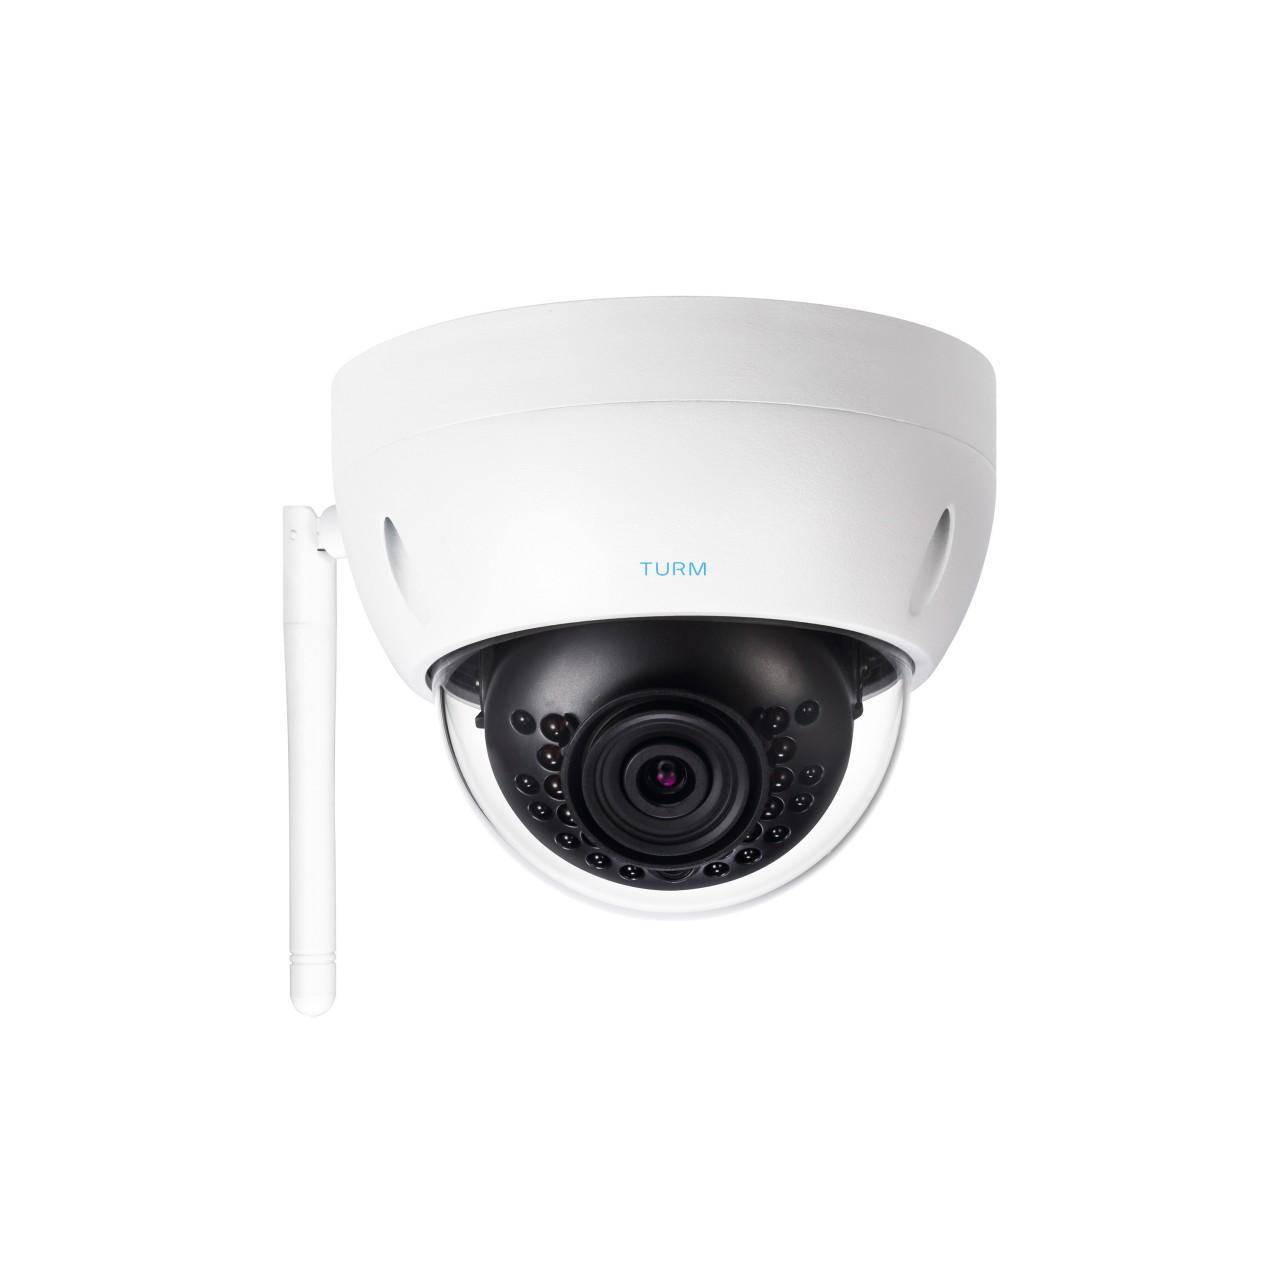 TURM WLAN 4 MP IP Dome Kamera mit 101°, 2.8mm, Micro SD Slot, 30m Nachtsicht für Außen